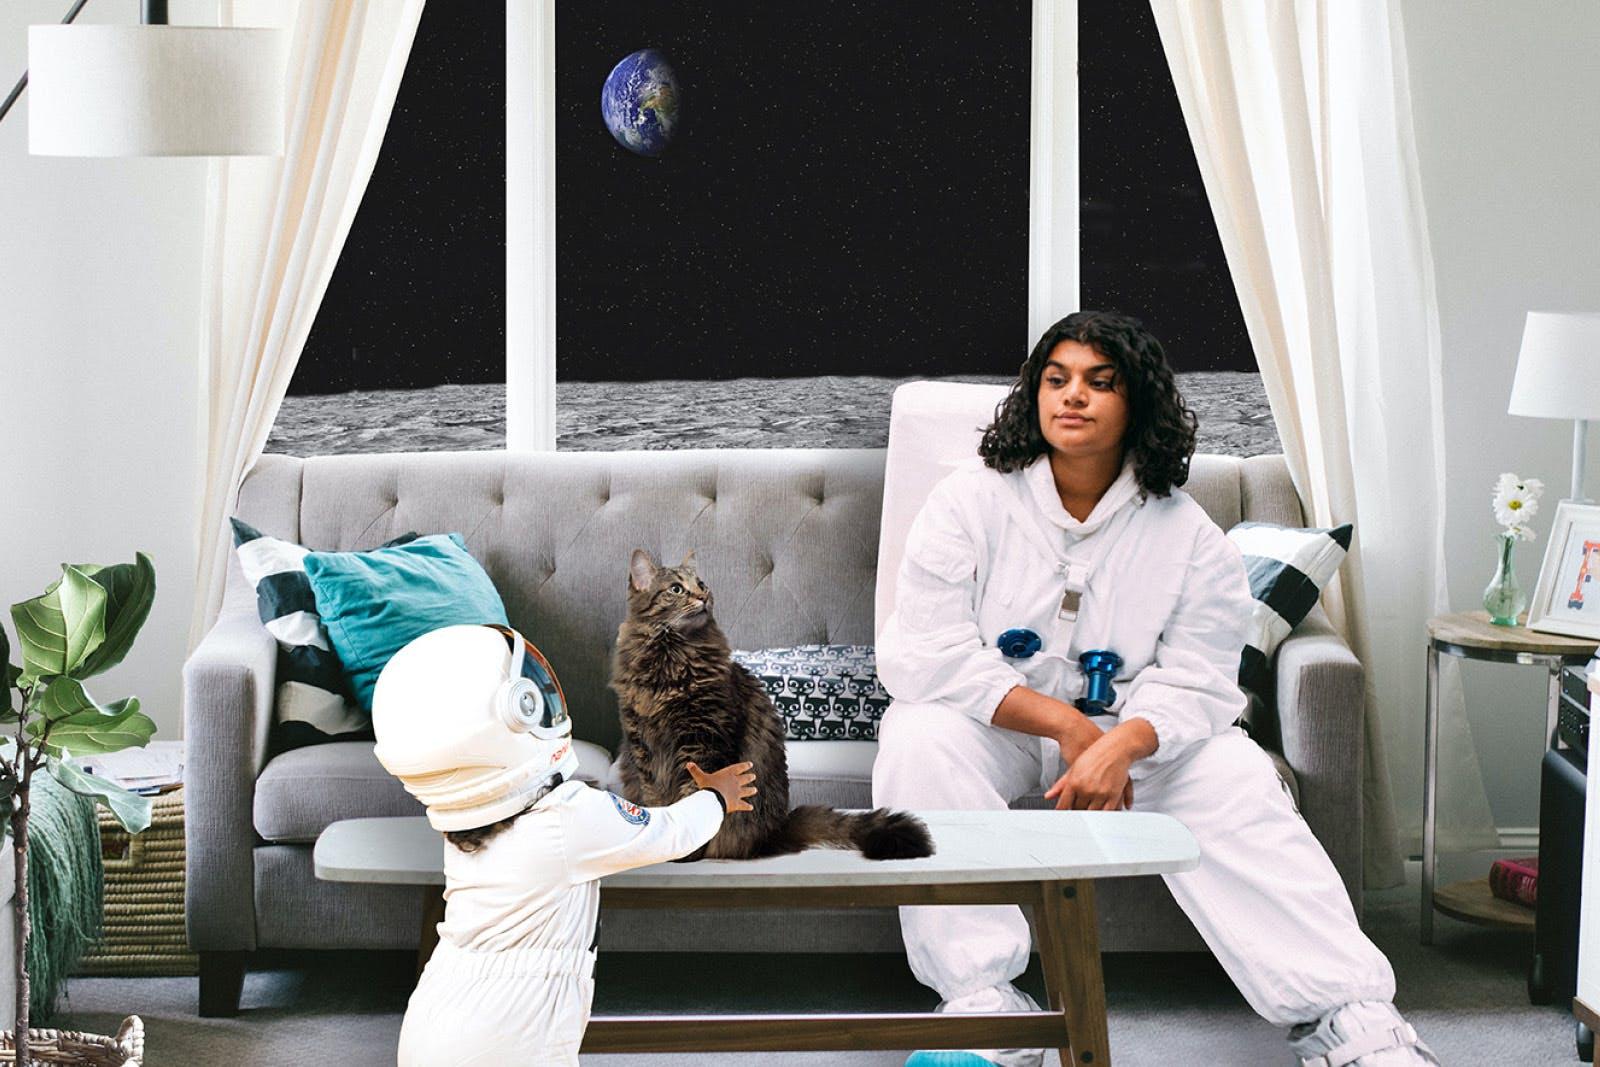 Cần bao nhiêu tiền để có thể mua đất và xây nhà trên Mặt trăng? - Ảnh 2.